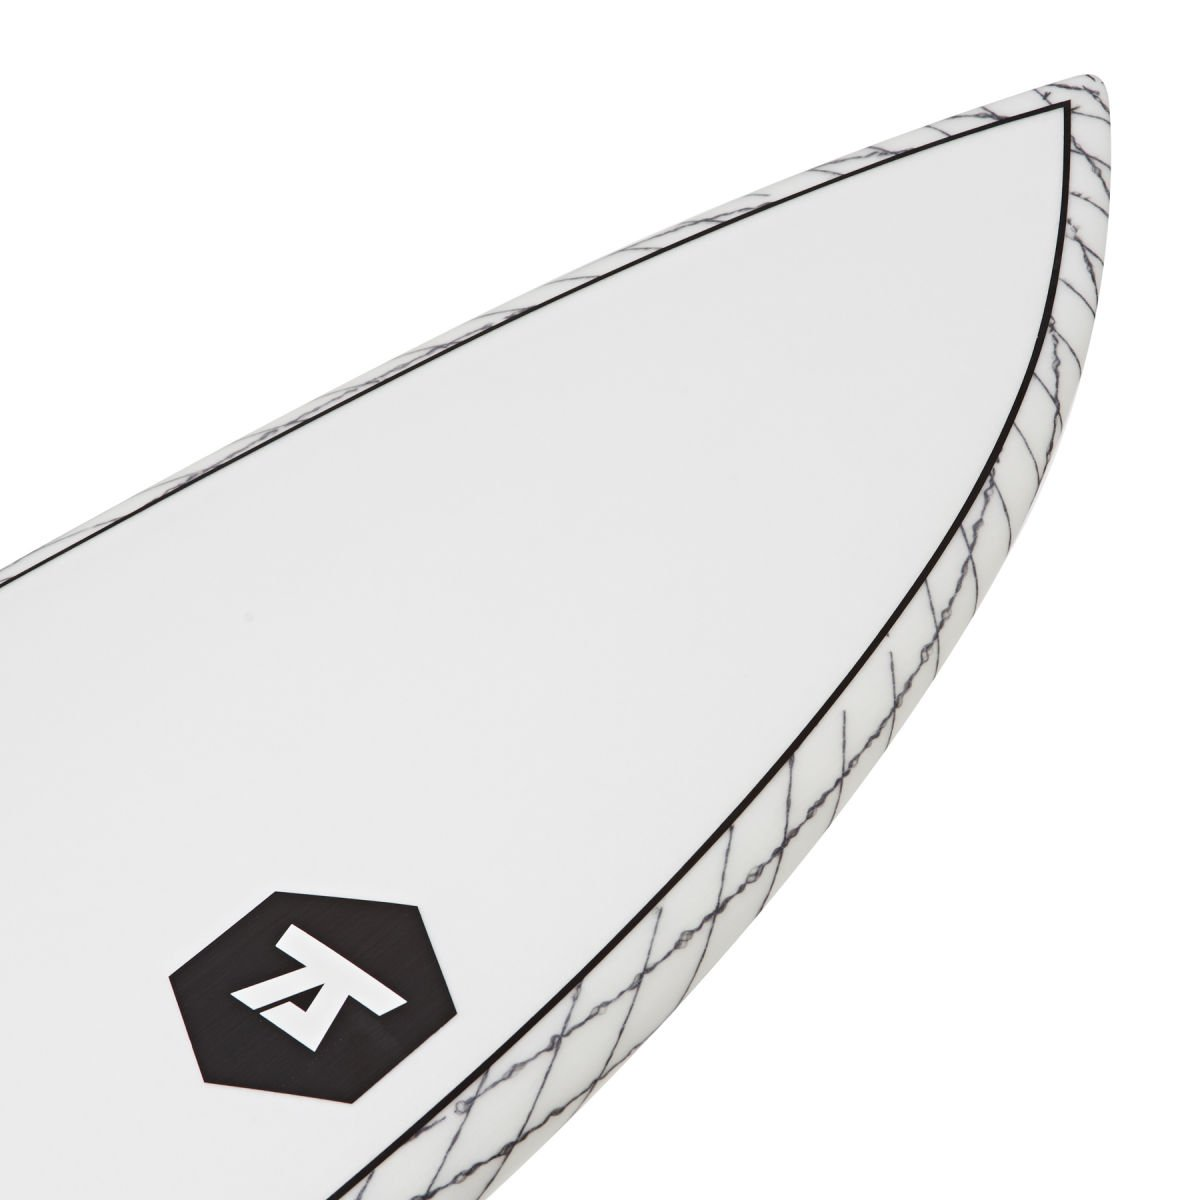 7S Slip Stream Carbon Vector Tabla de Surf - Blue Talla:6ft 6: Amazon.es: Deportes y aire libre